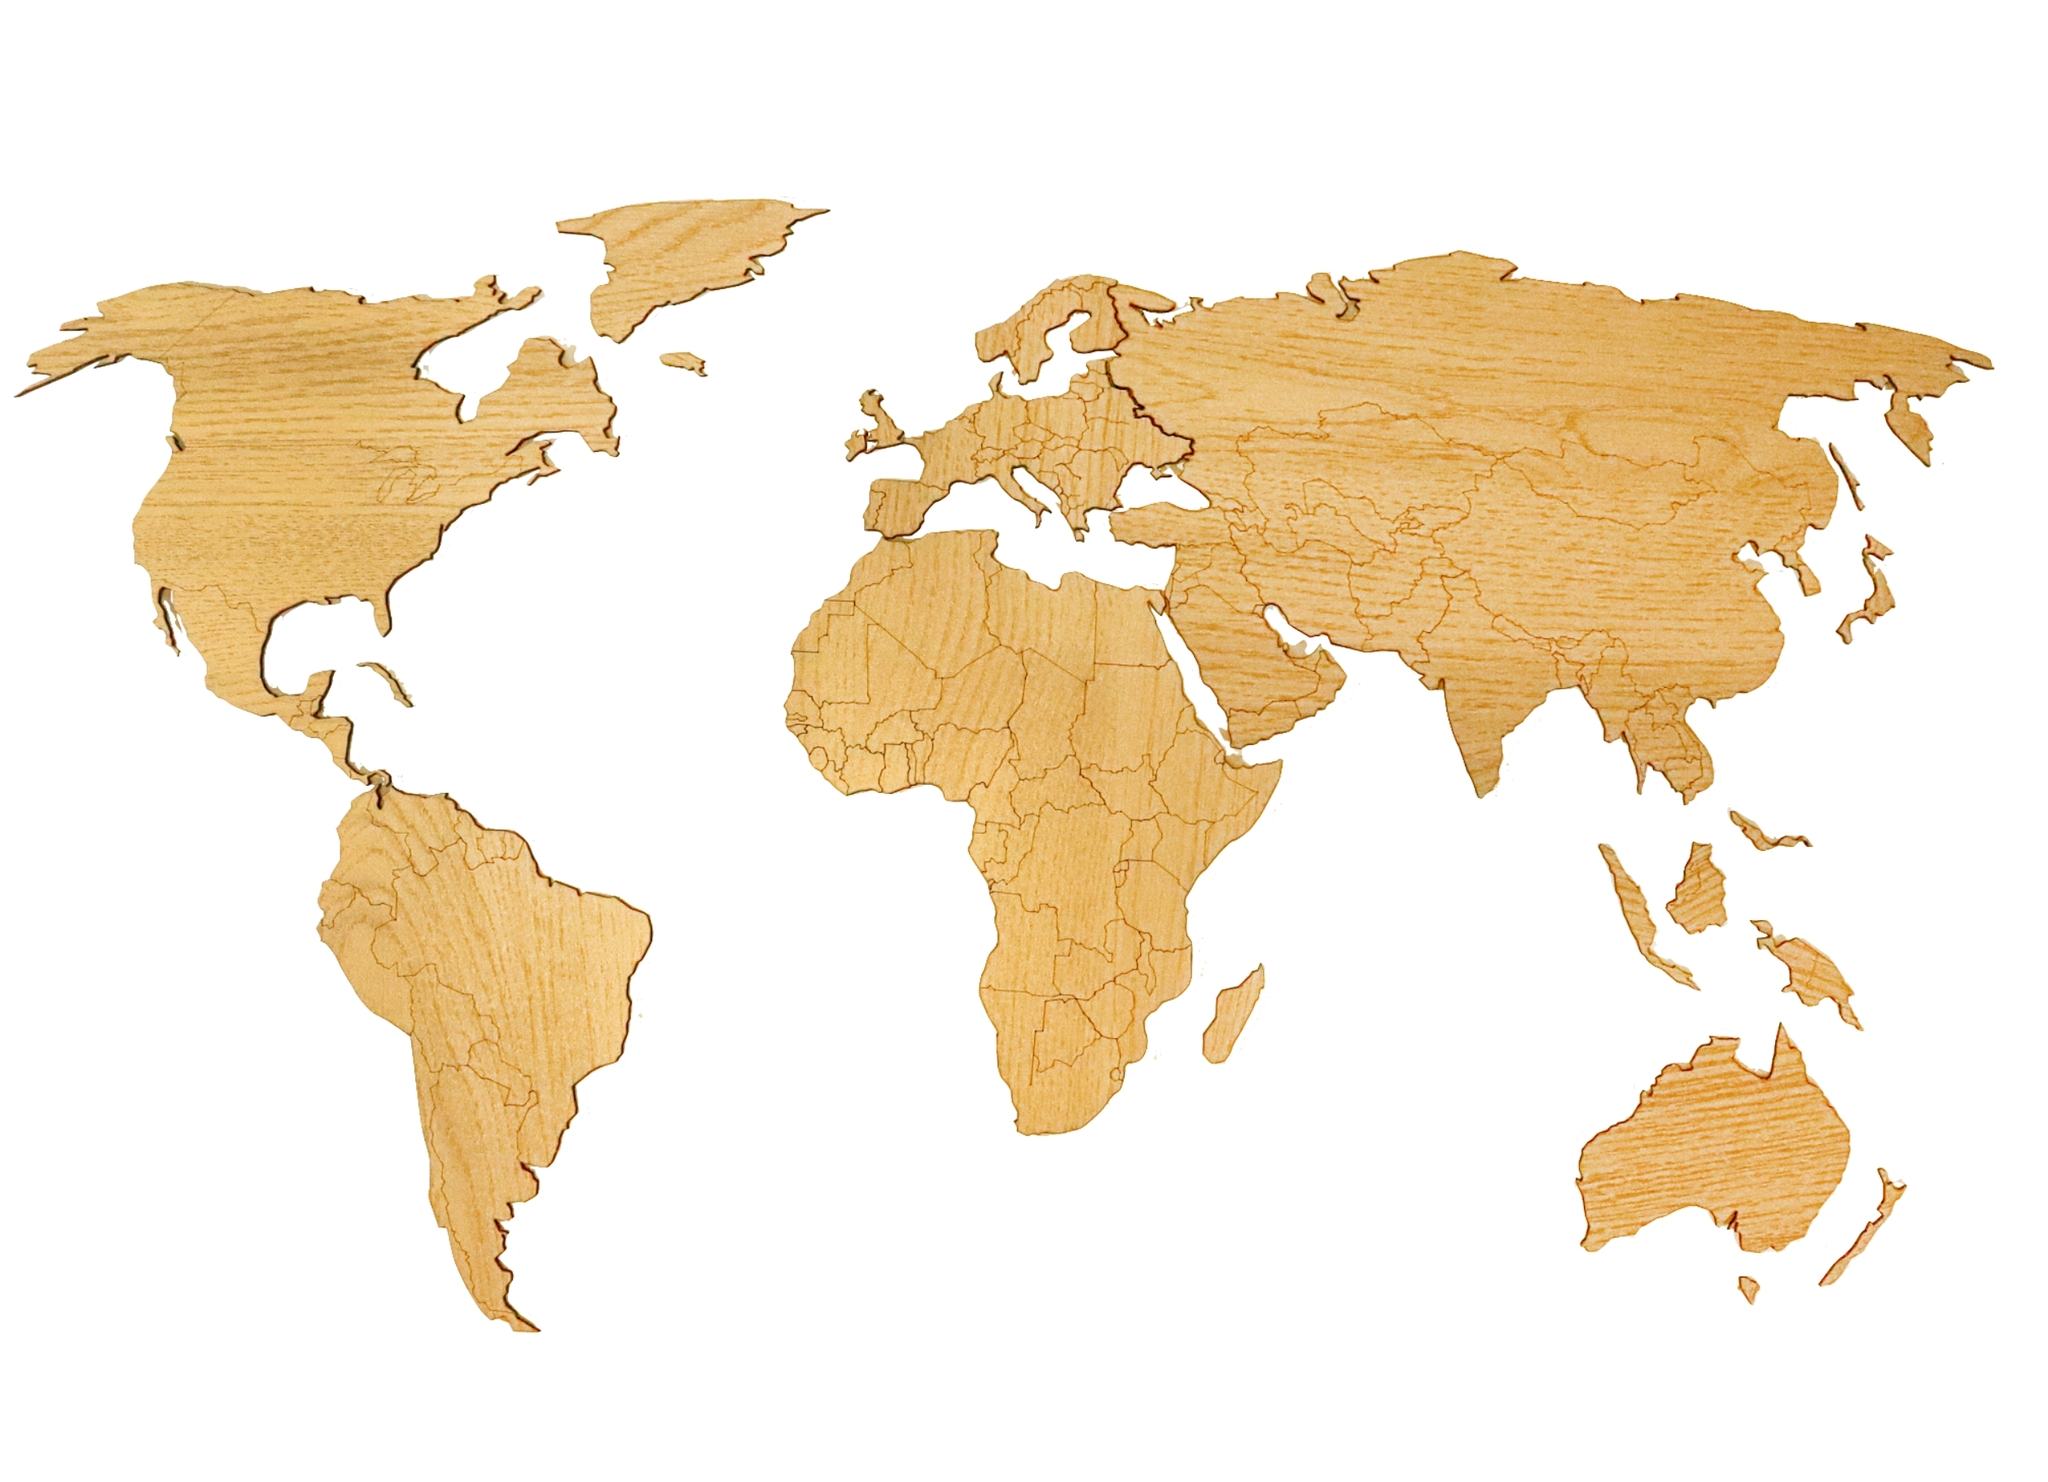 Деревянная карта мира AFI DESIGN 120х60